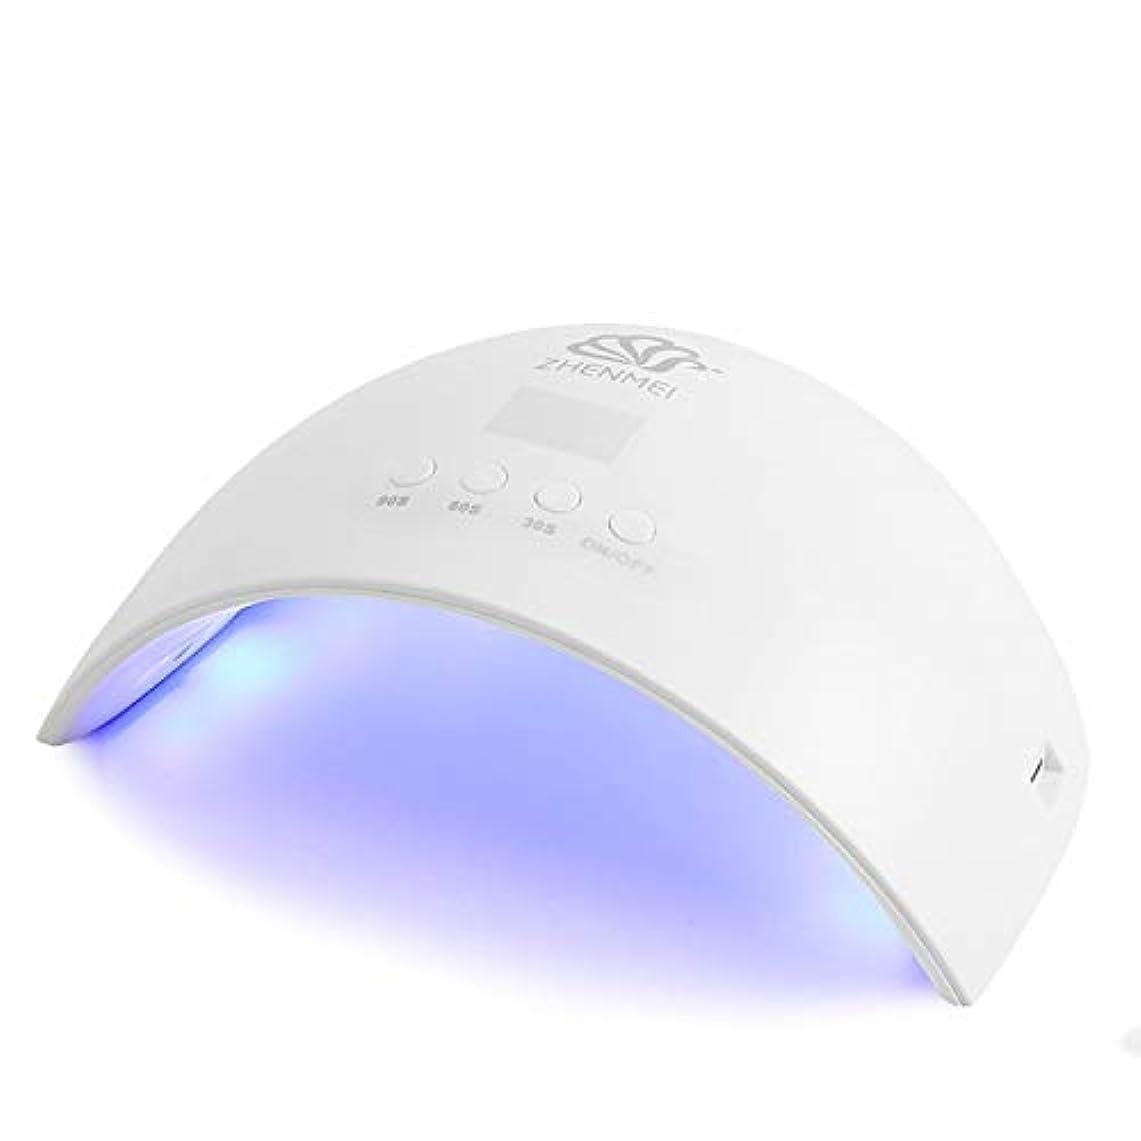 真向こう地区甘やかすLEDインジケータ24W 12デュアル光源UV + LED、自動検知、4タイマー設定30/60 / 90S / 99S、プロネイルライトUV LEDネイルライト家庭用ネイル/プロ用